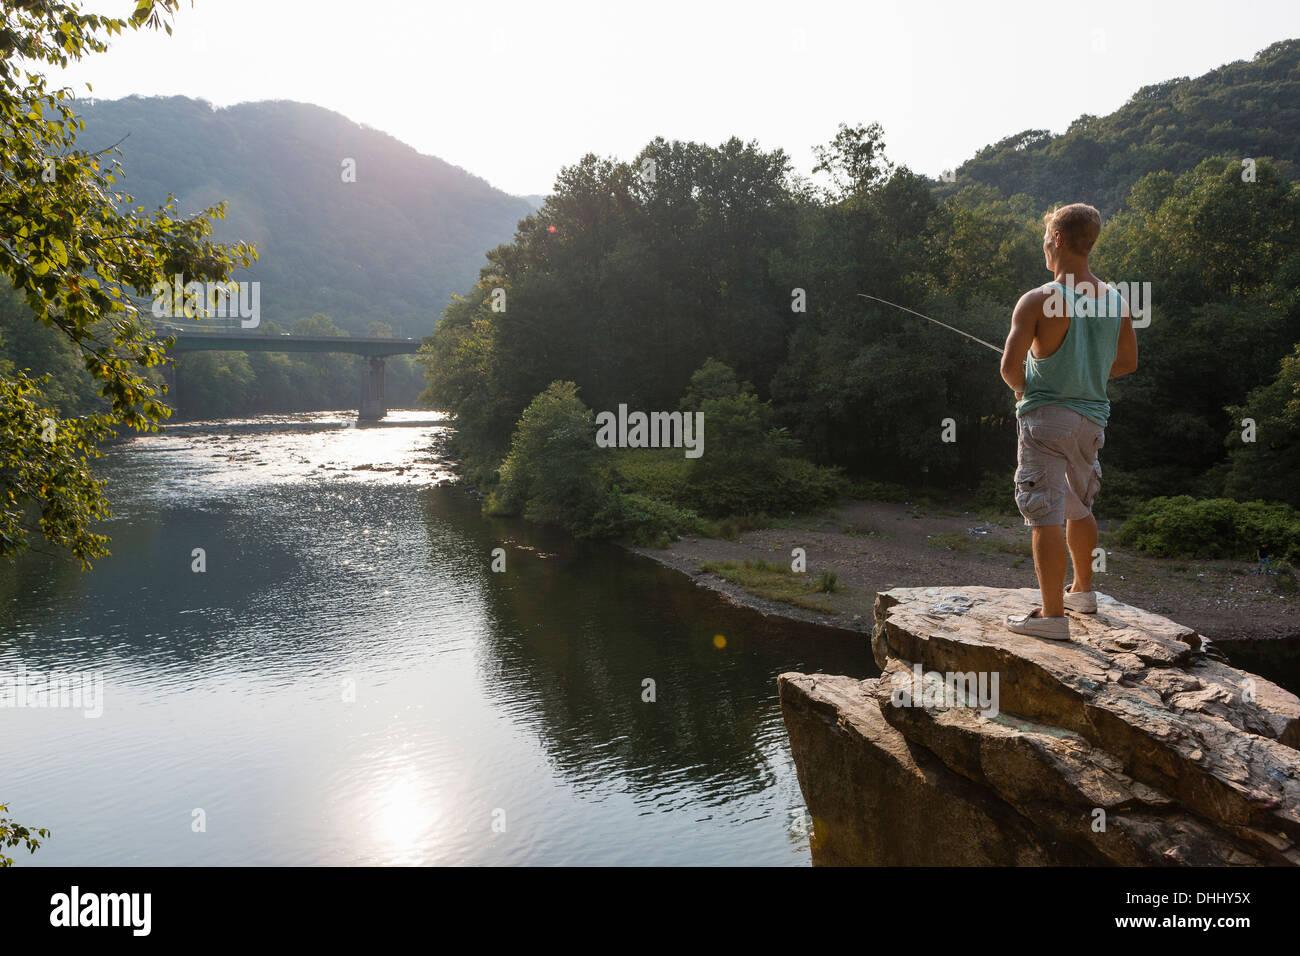 Giovane uomo la pesca dalla sporgenza di roccia, Amburgo, Pennsylvania, STATI UNITI D'AMERICA Immagini Stock